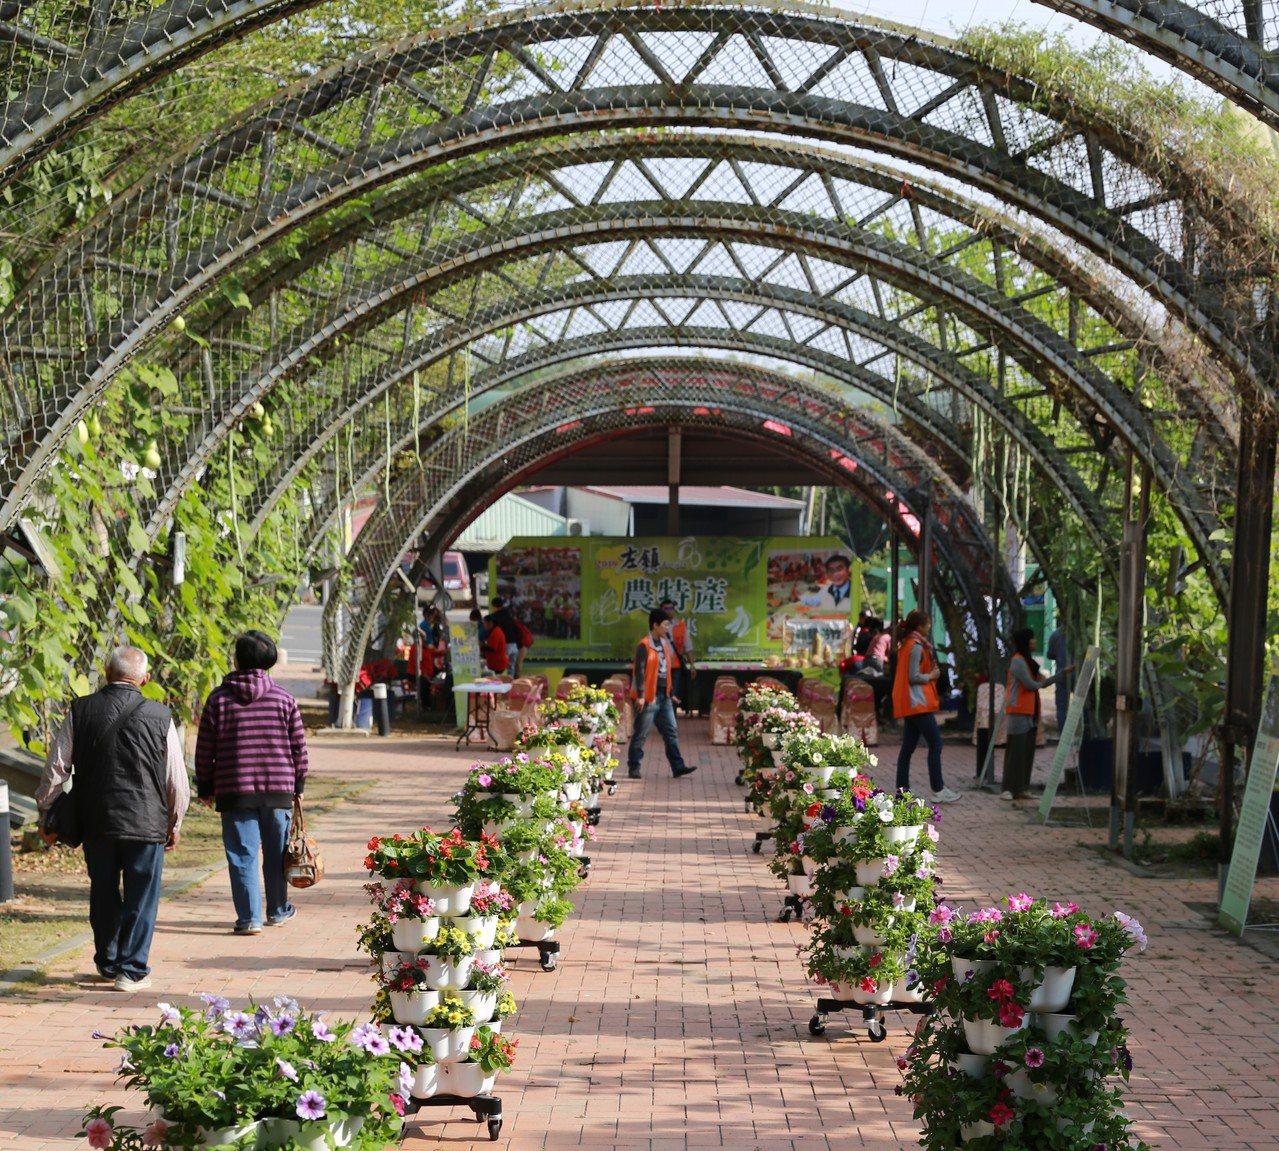 台南市左鎮區推出瓜棚下農民市集,拱門上栽種各式瓜果等相當吸睛。圖/左鎮區公所提供